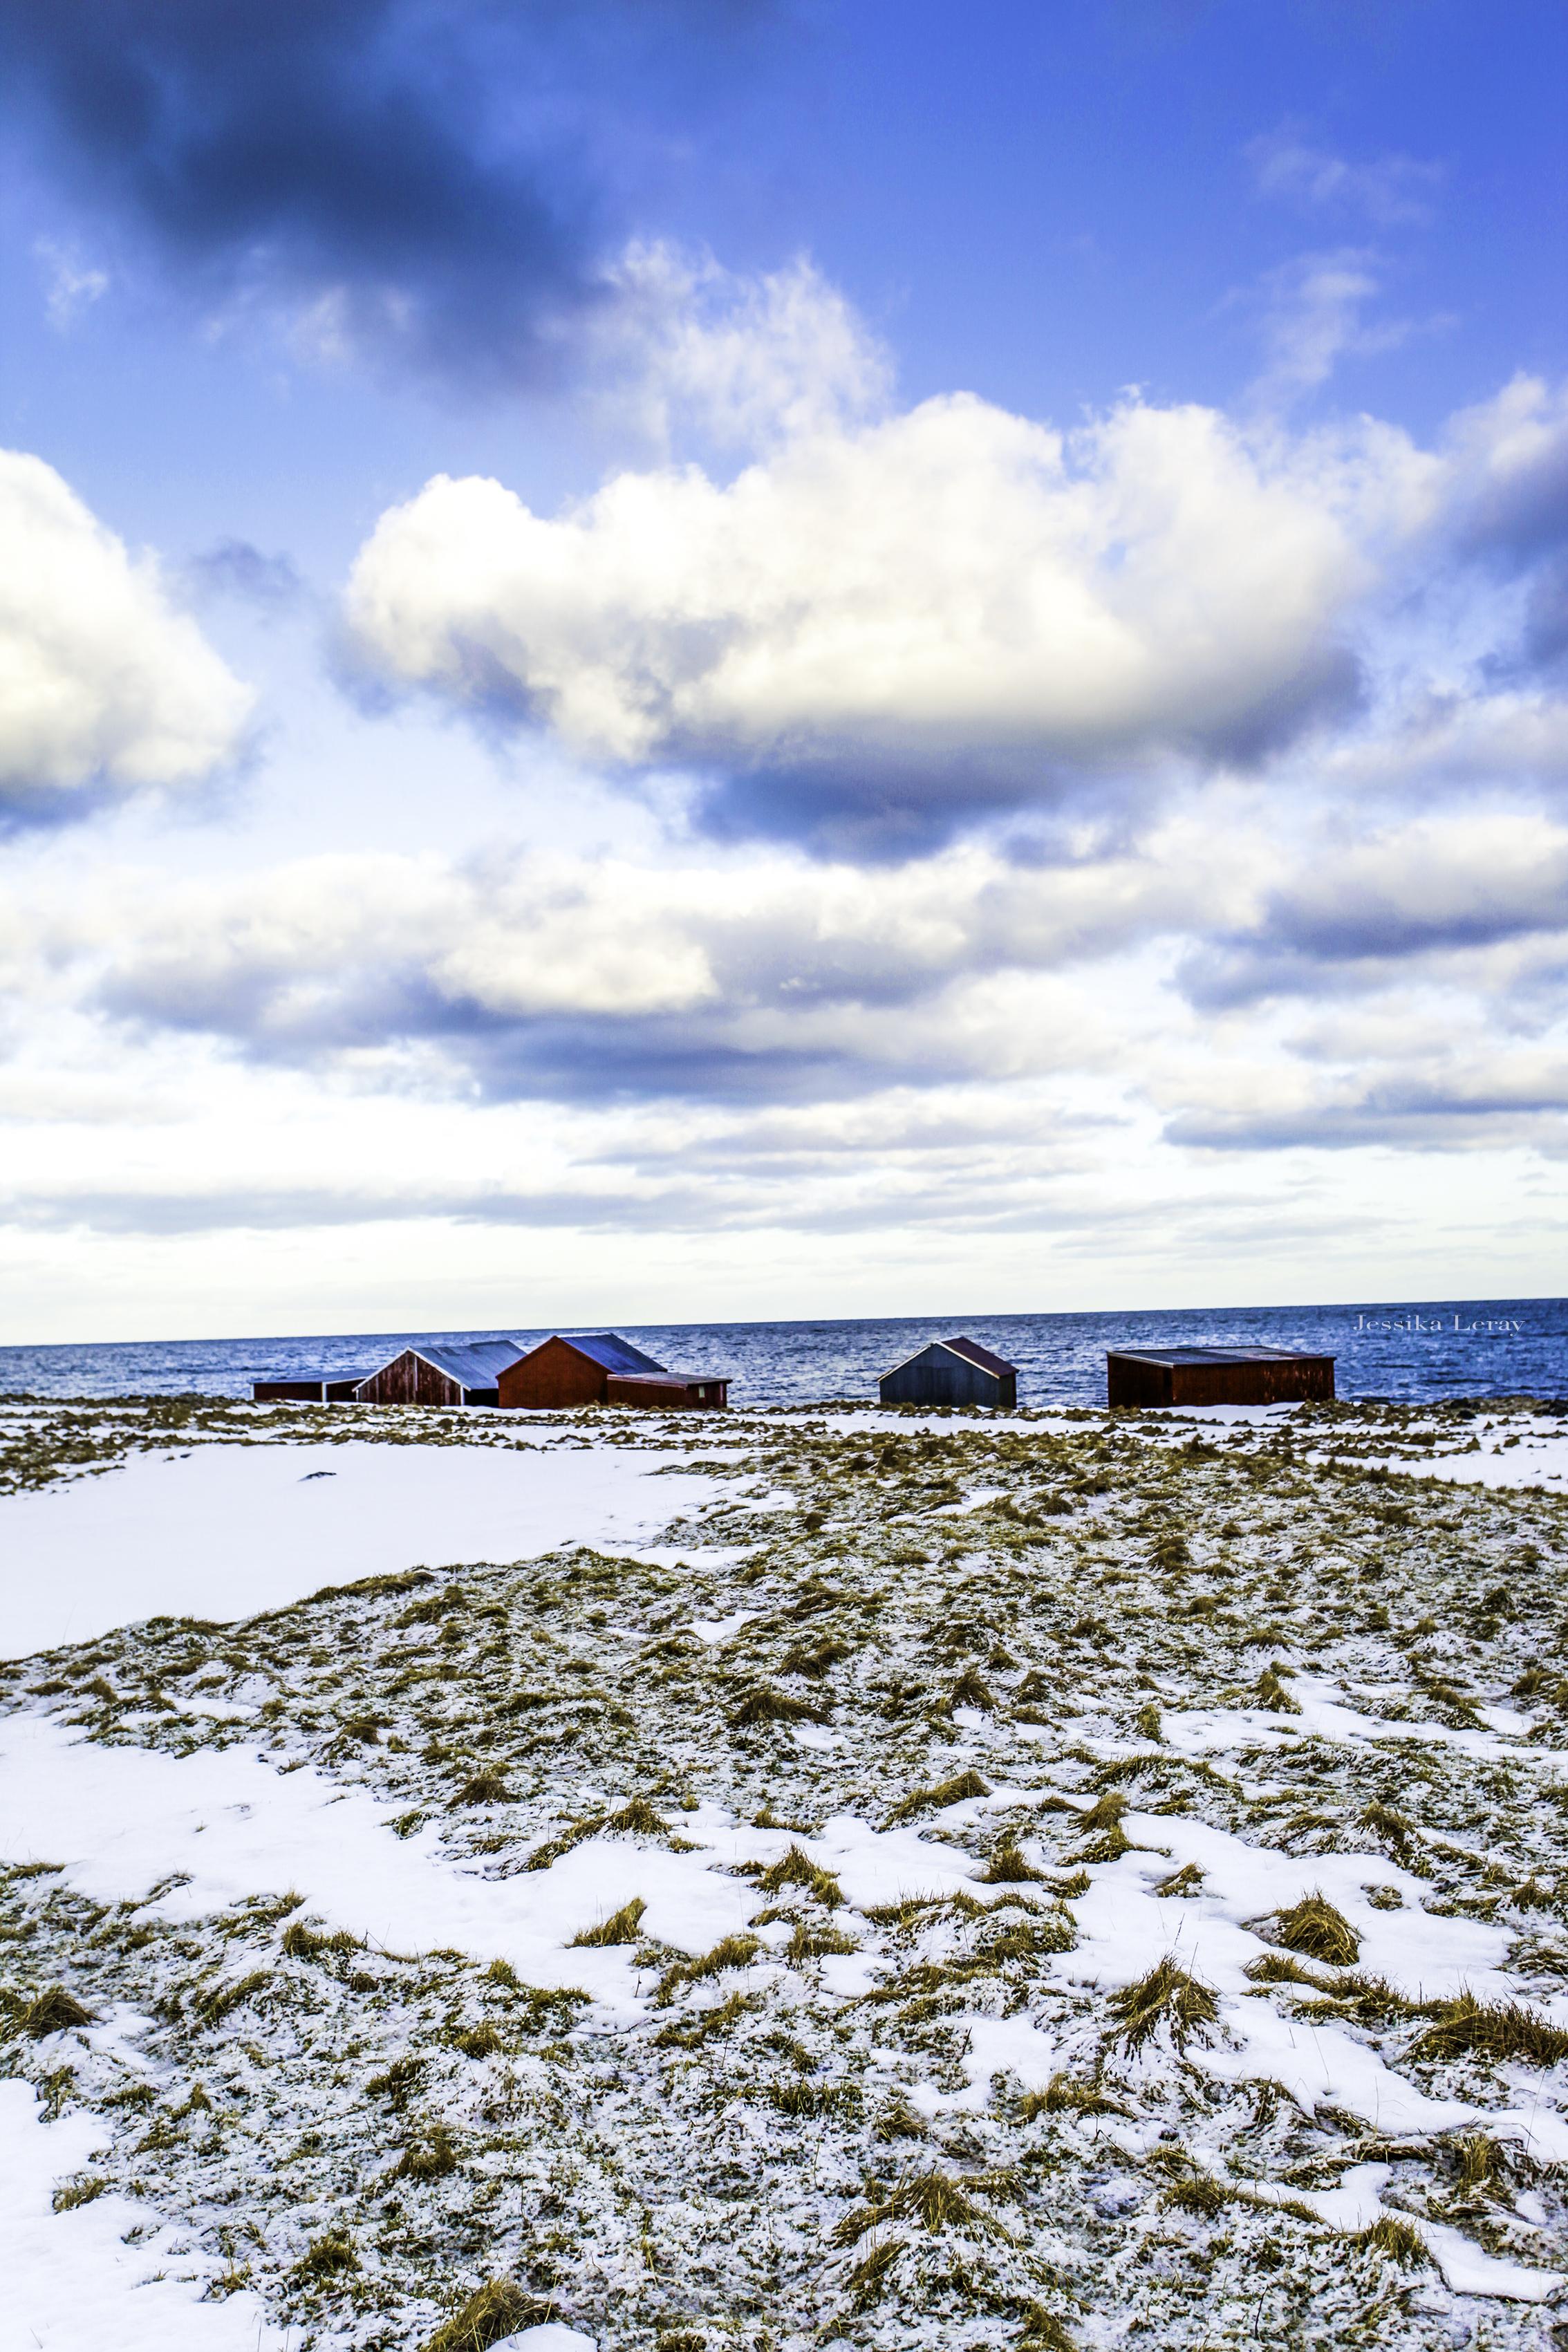 Unstad's view